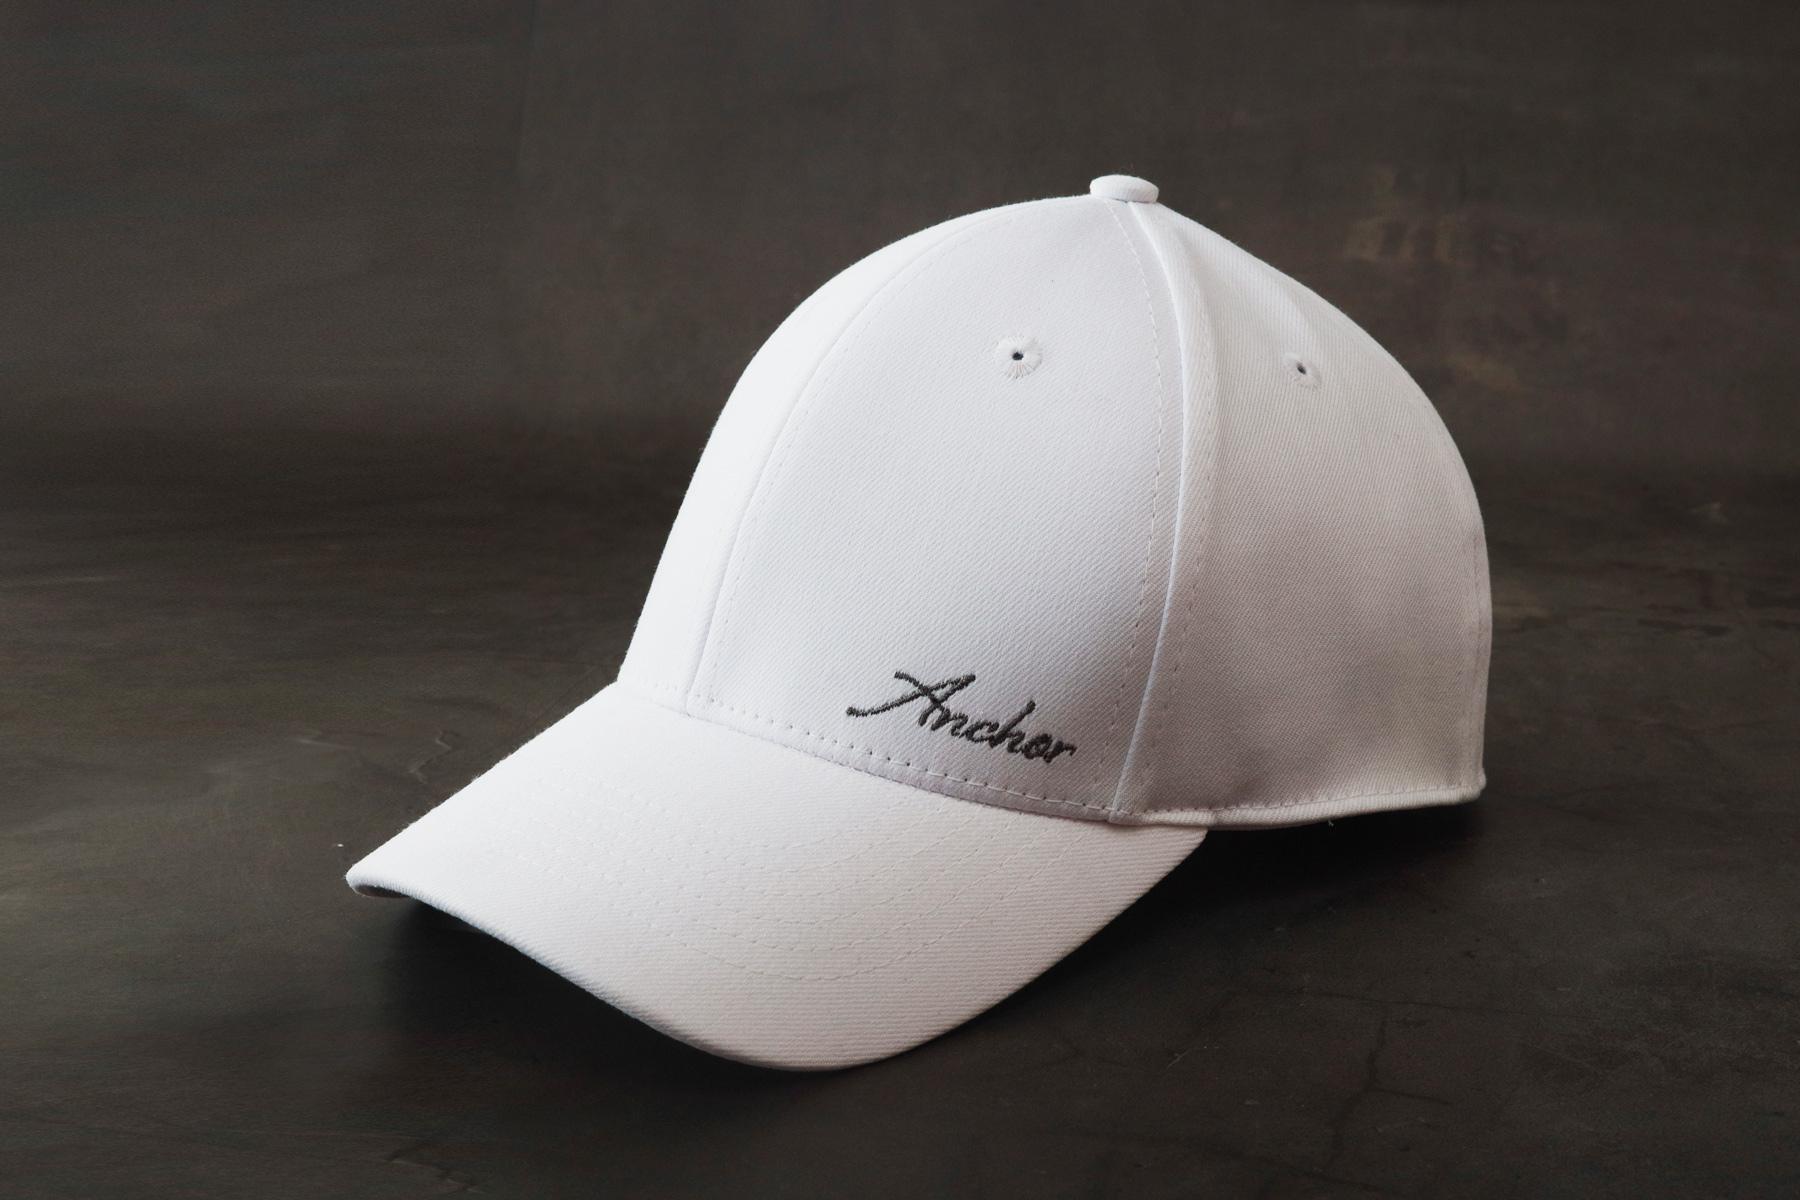 mũ lưỡi trai trắng chính hãng anchor and helm